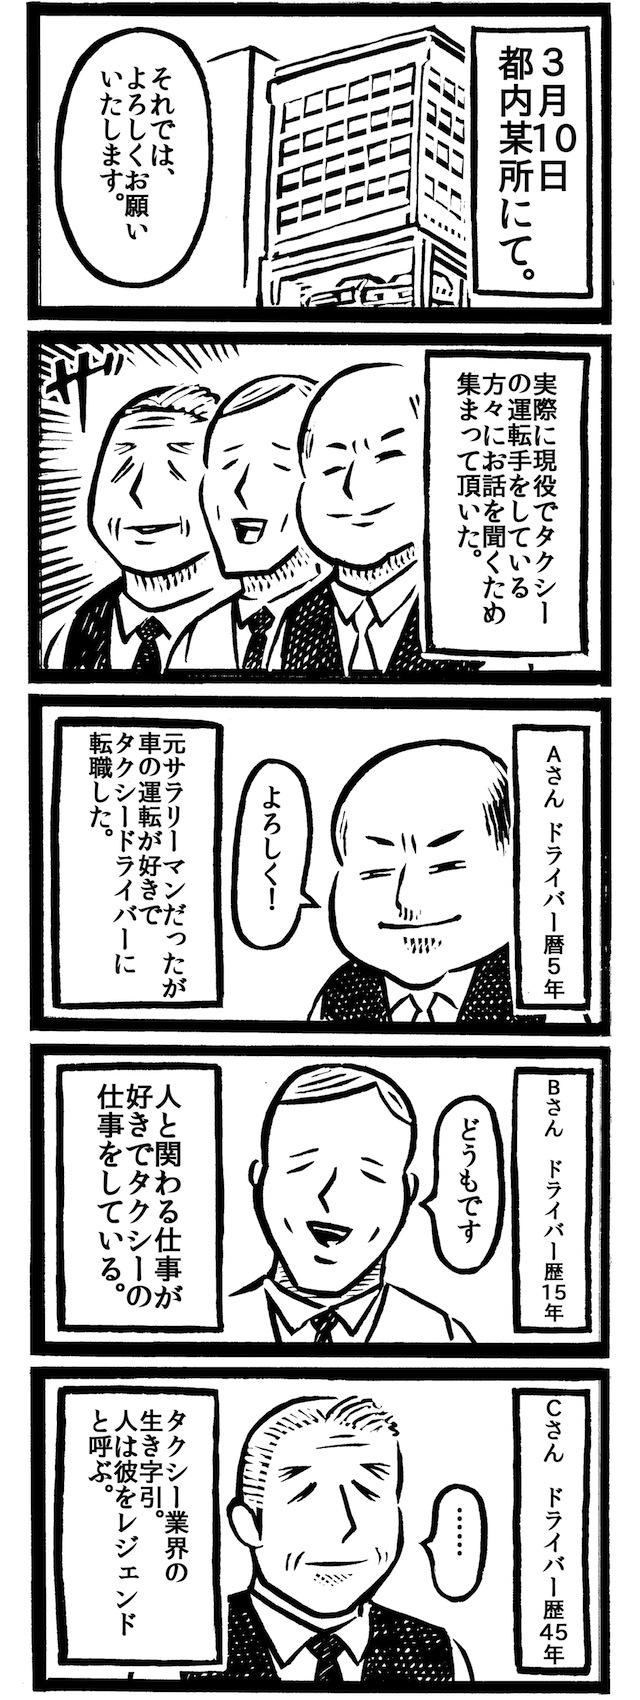 f:id:kakijiro:20151208235509j:plain